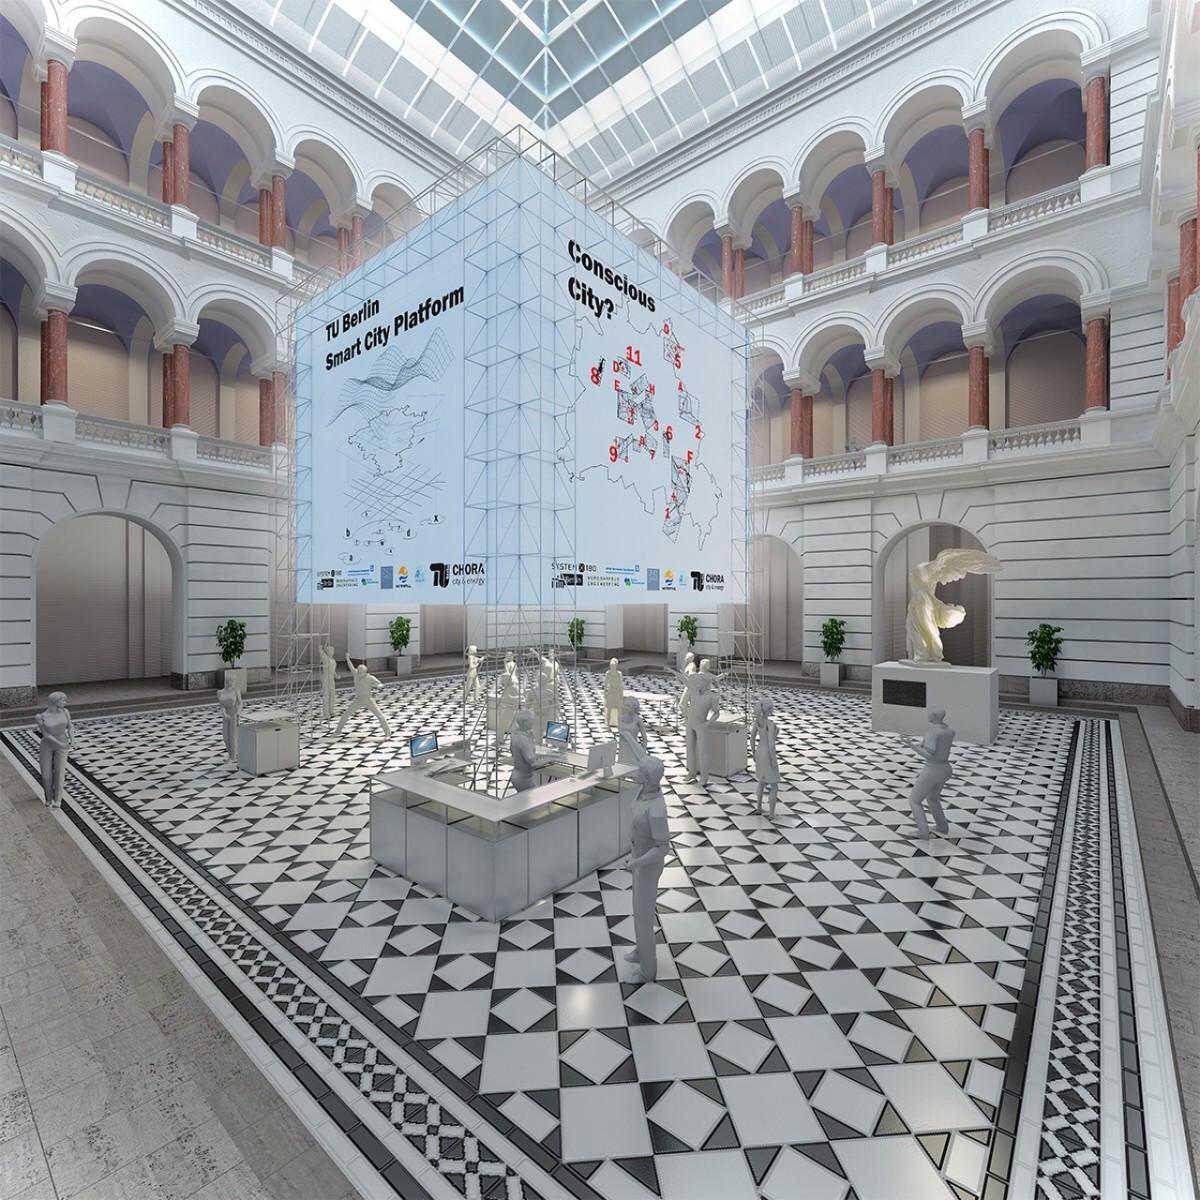 TU Berlin / Chora – BrainBox Programm – Lange Nacht der Wissenschaften 2015